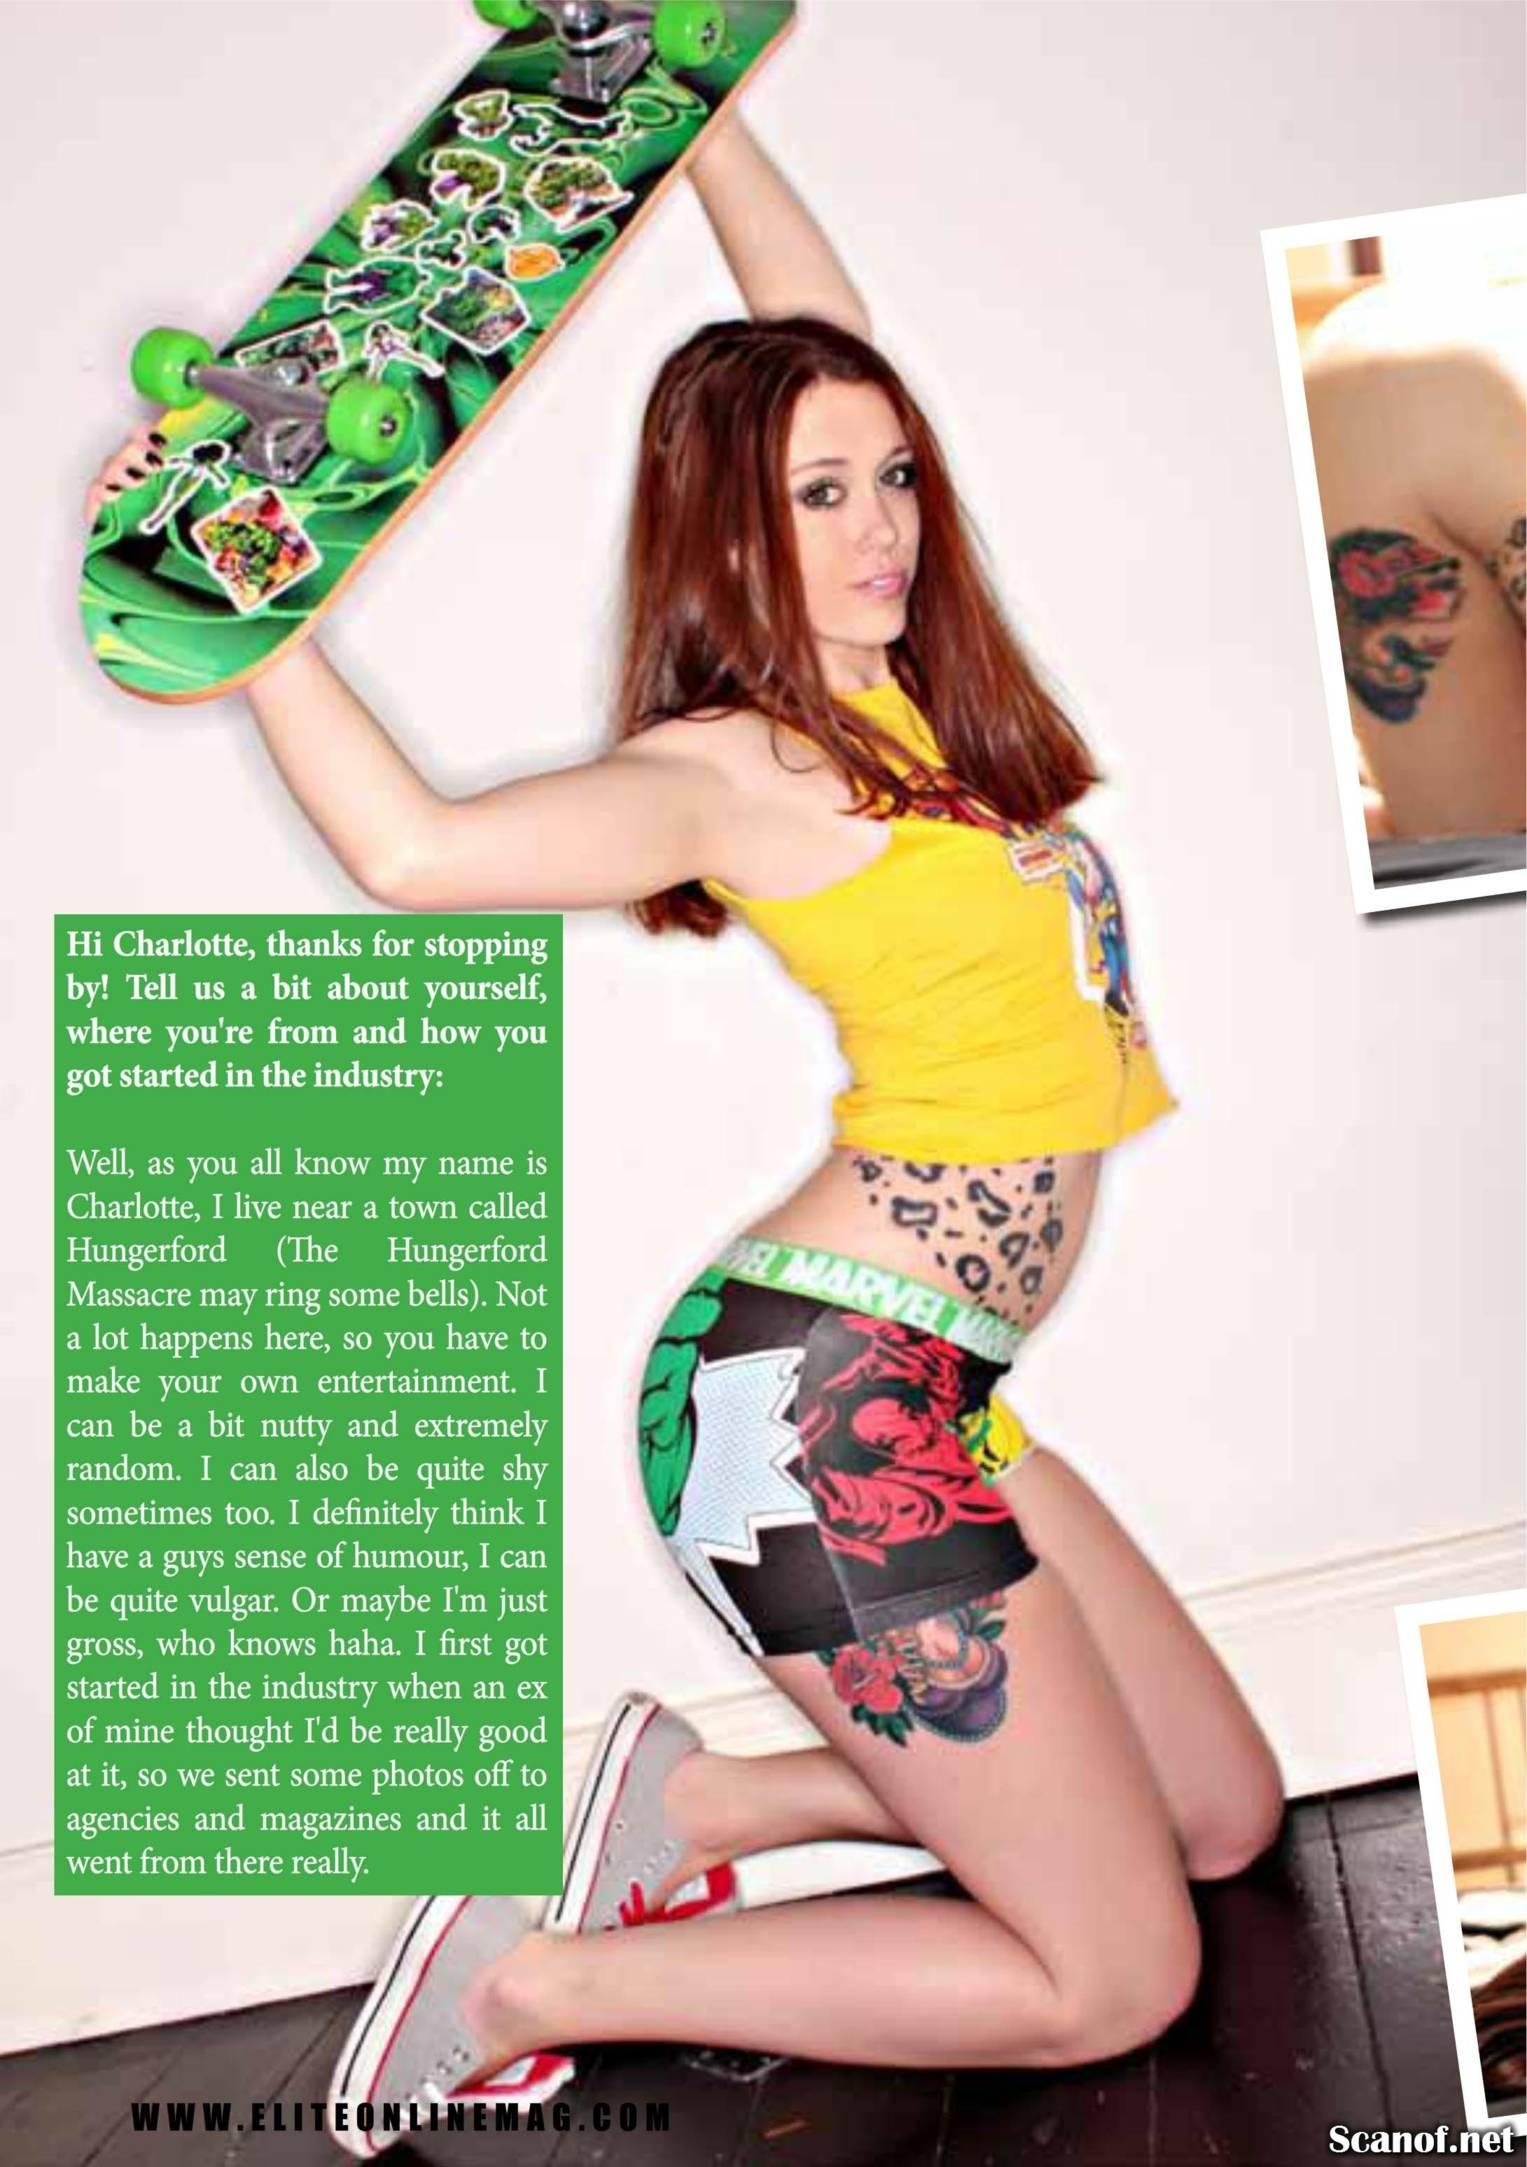 Elite_Issue_32_07_2012_USA_Scanof.net_32.jpg